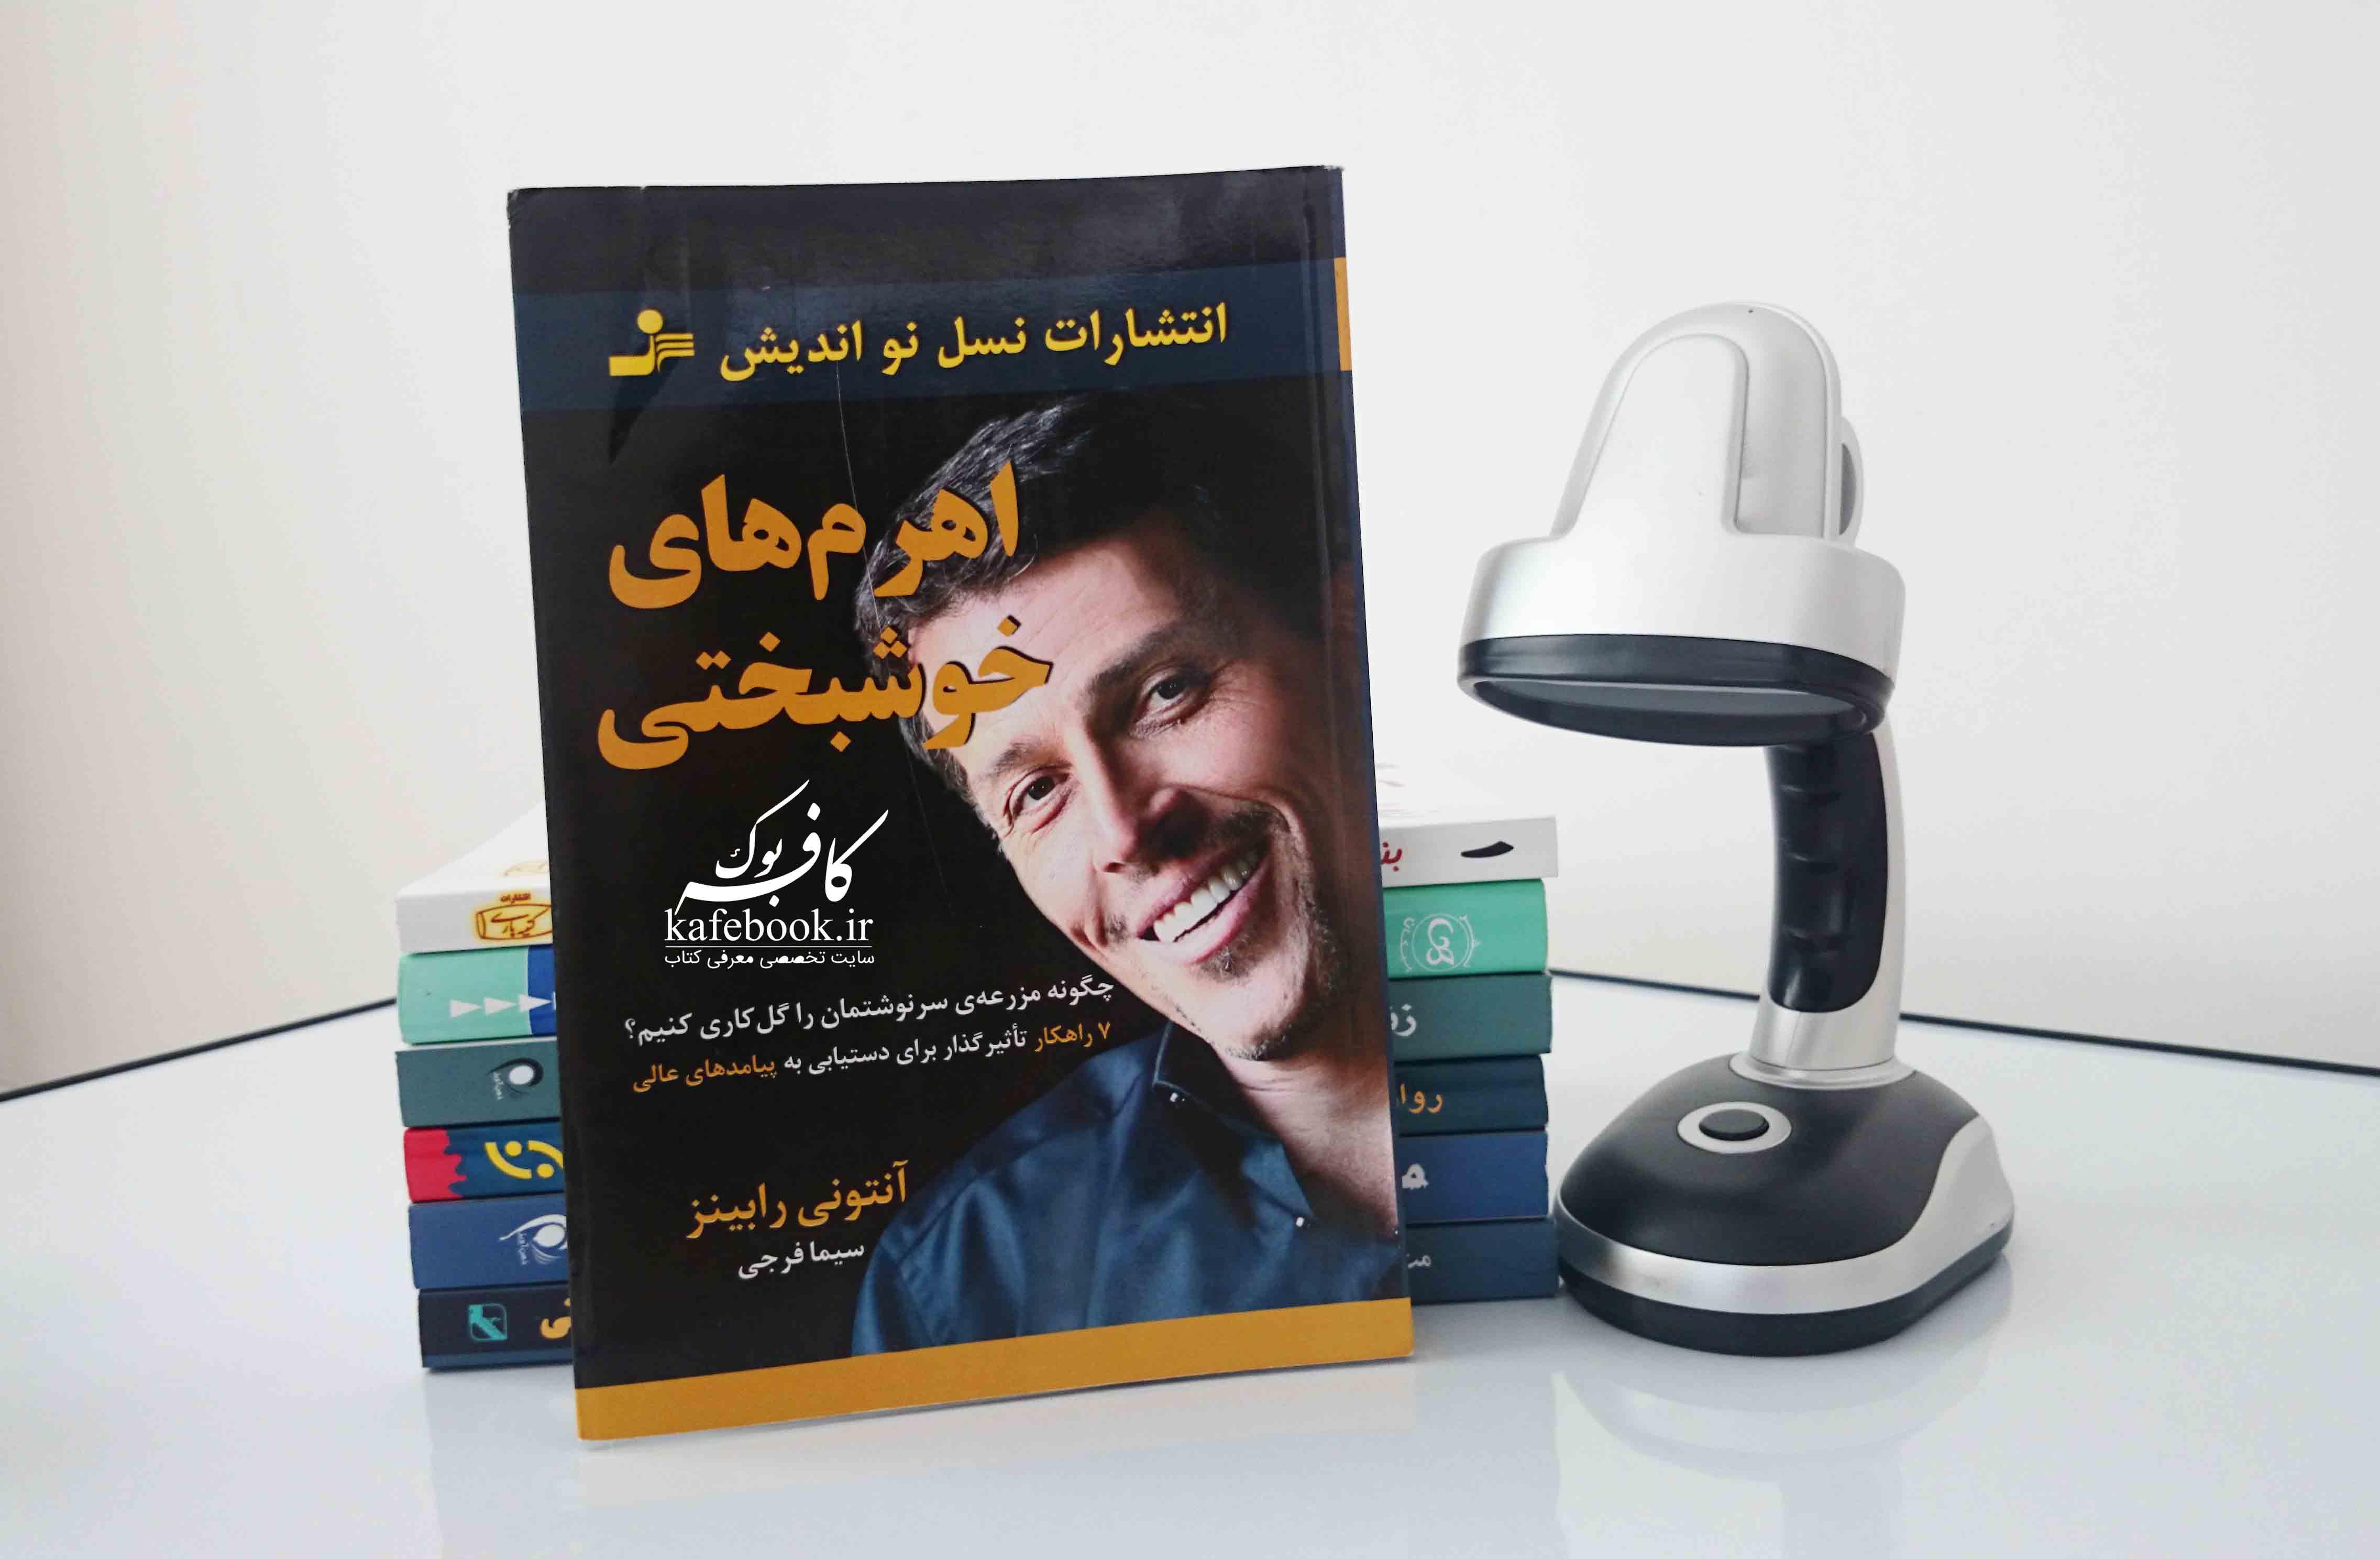 کتاب اهرم های خوشبختی